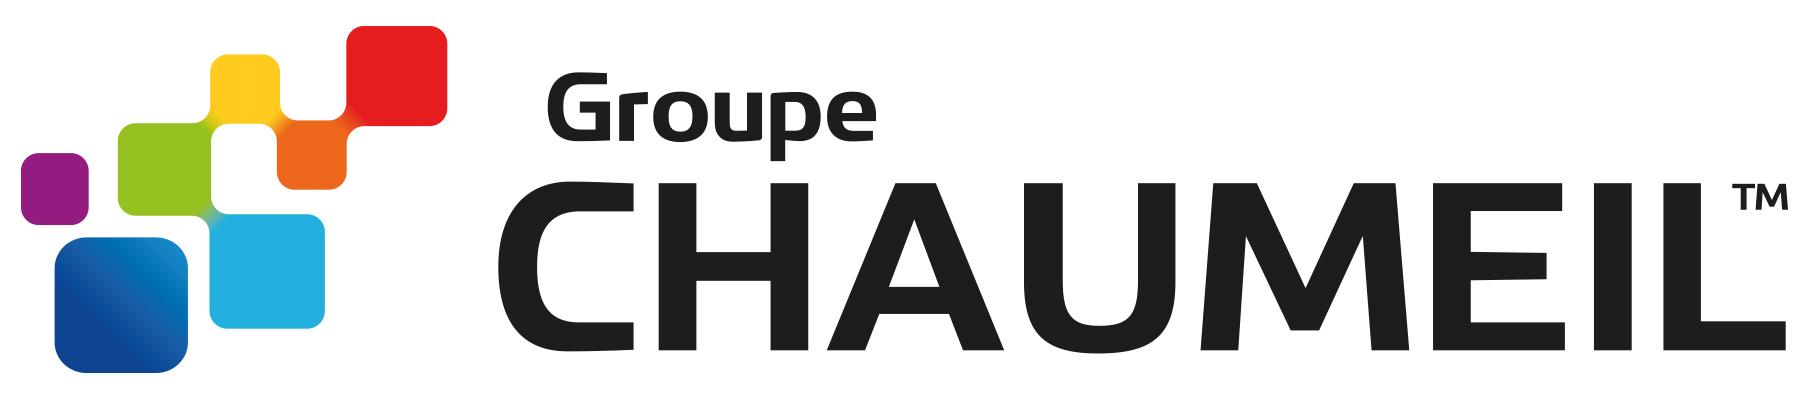 chaumeil-logo-2016-hori_5f7f1e0706882.jpg